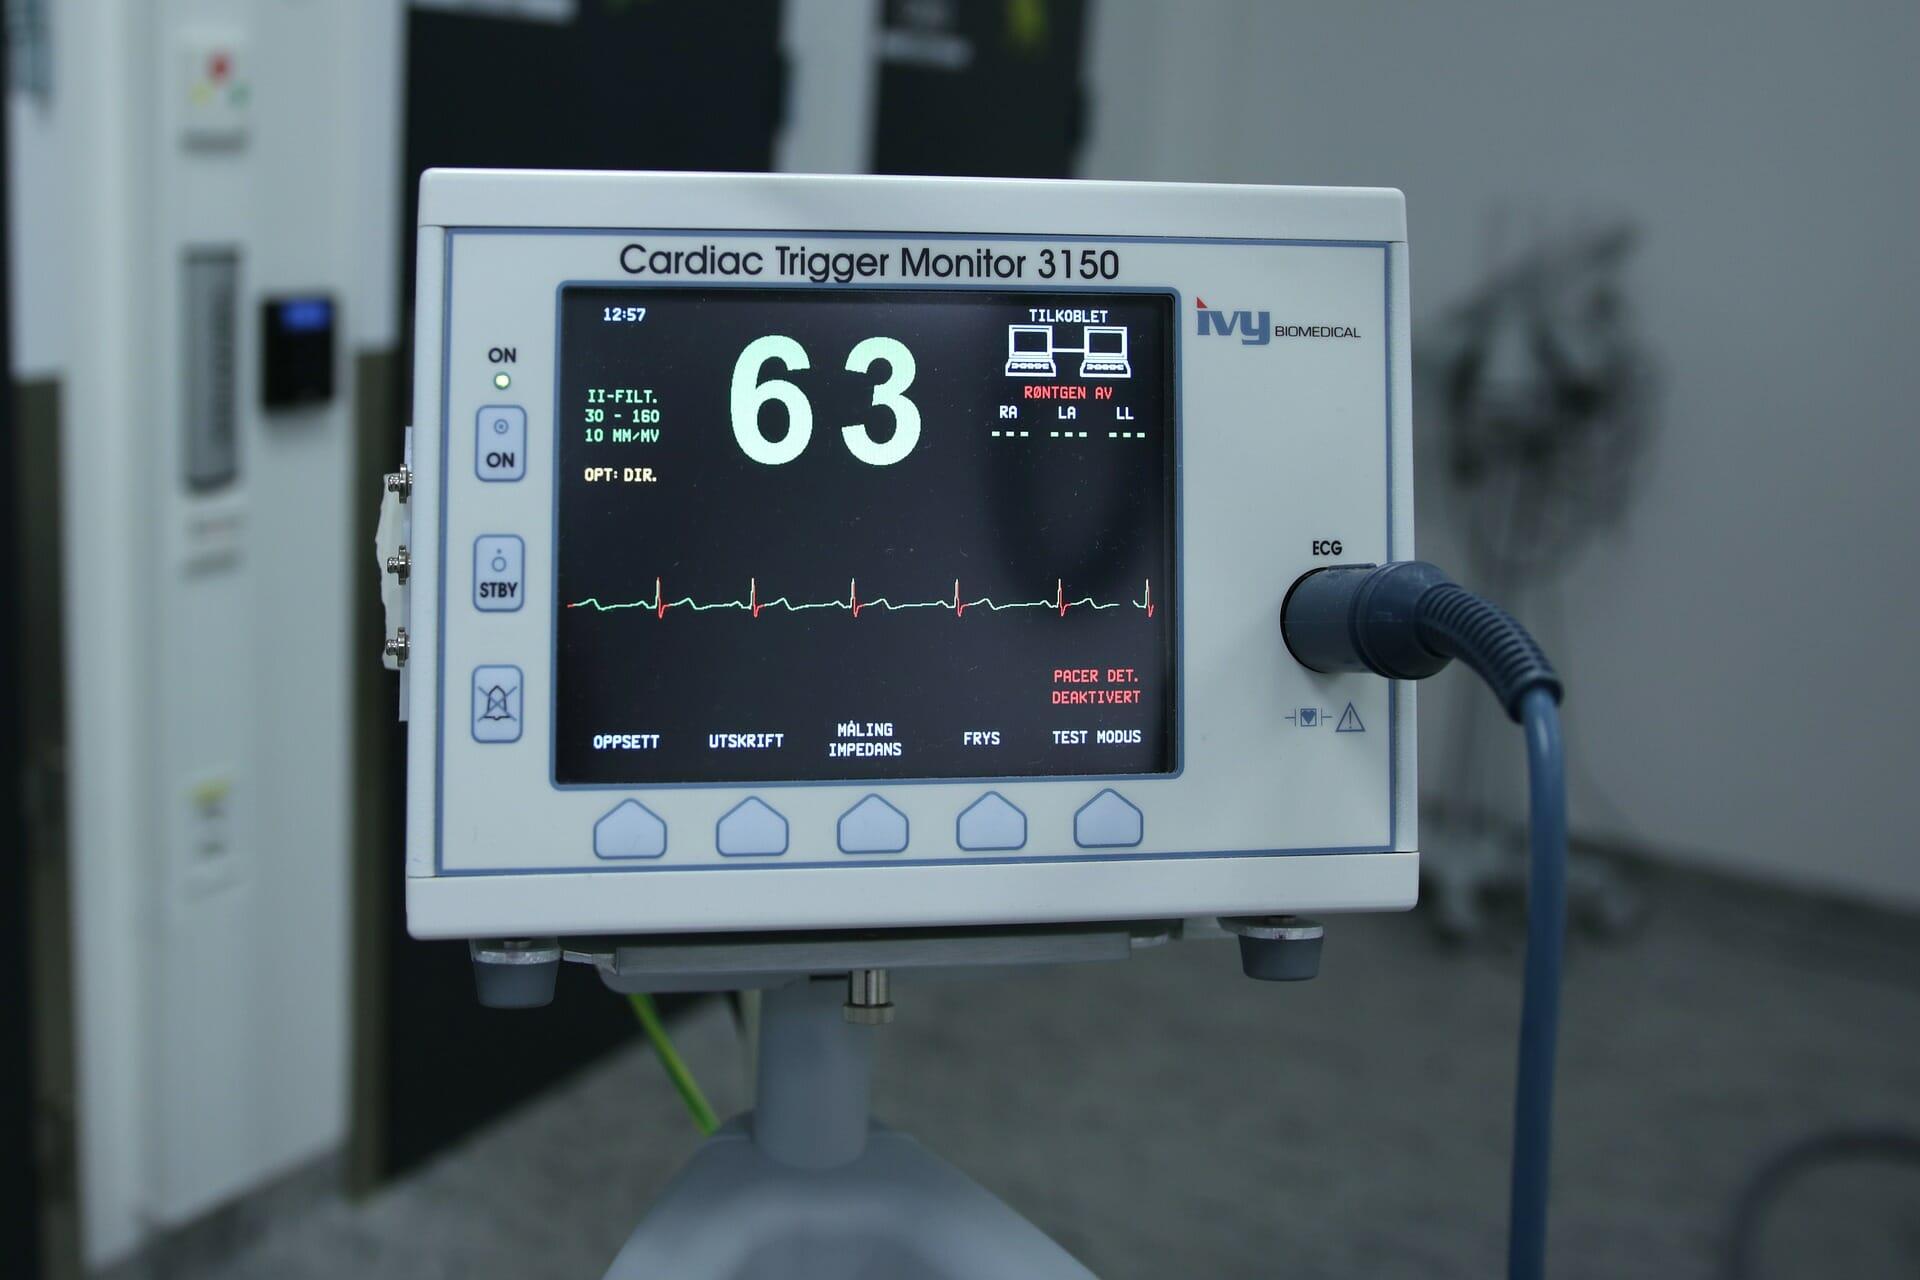 Venta de equipos médicos online